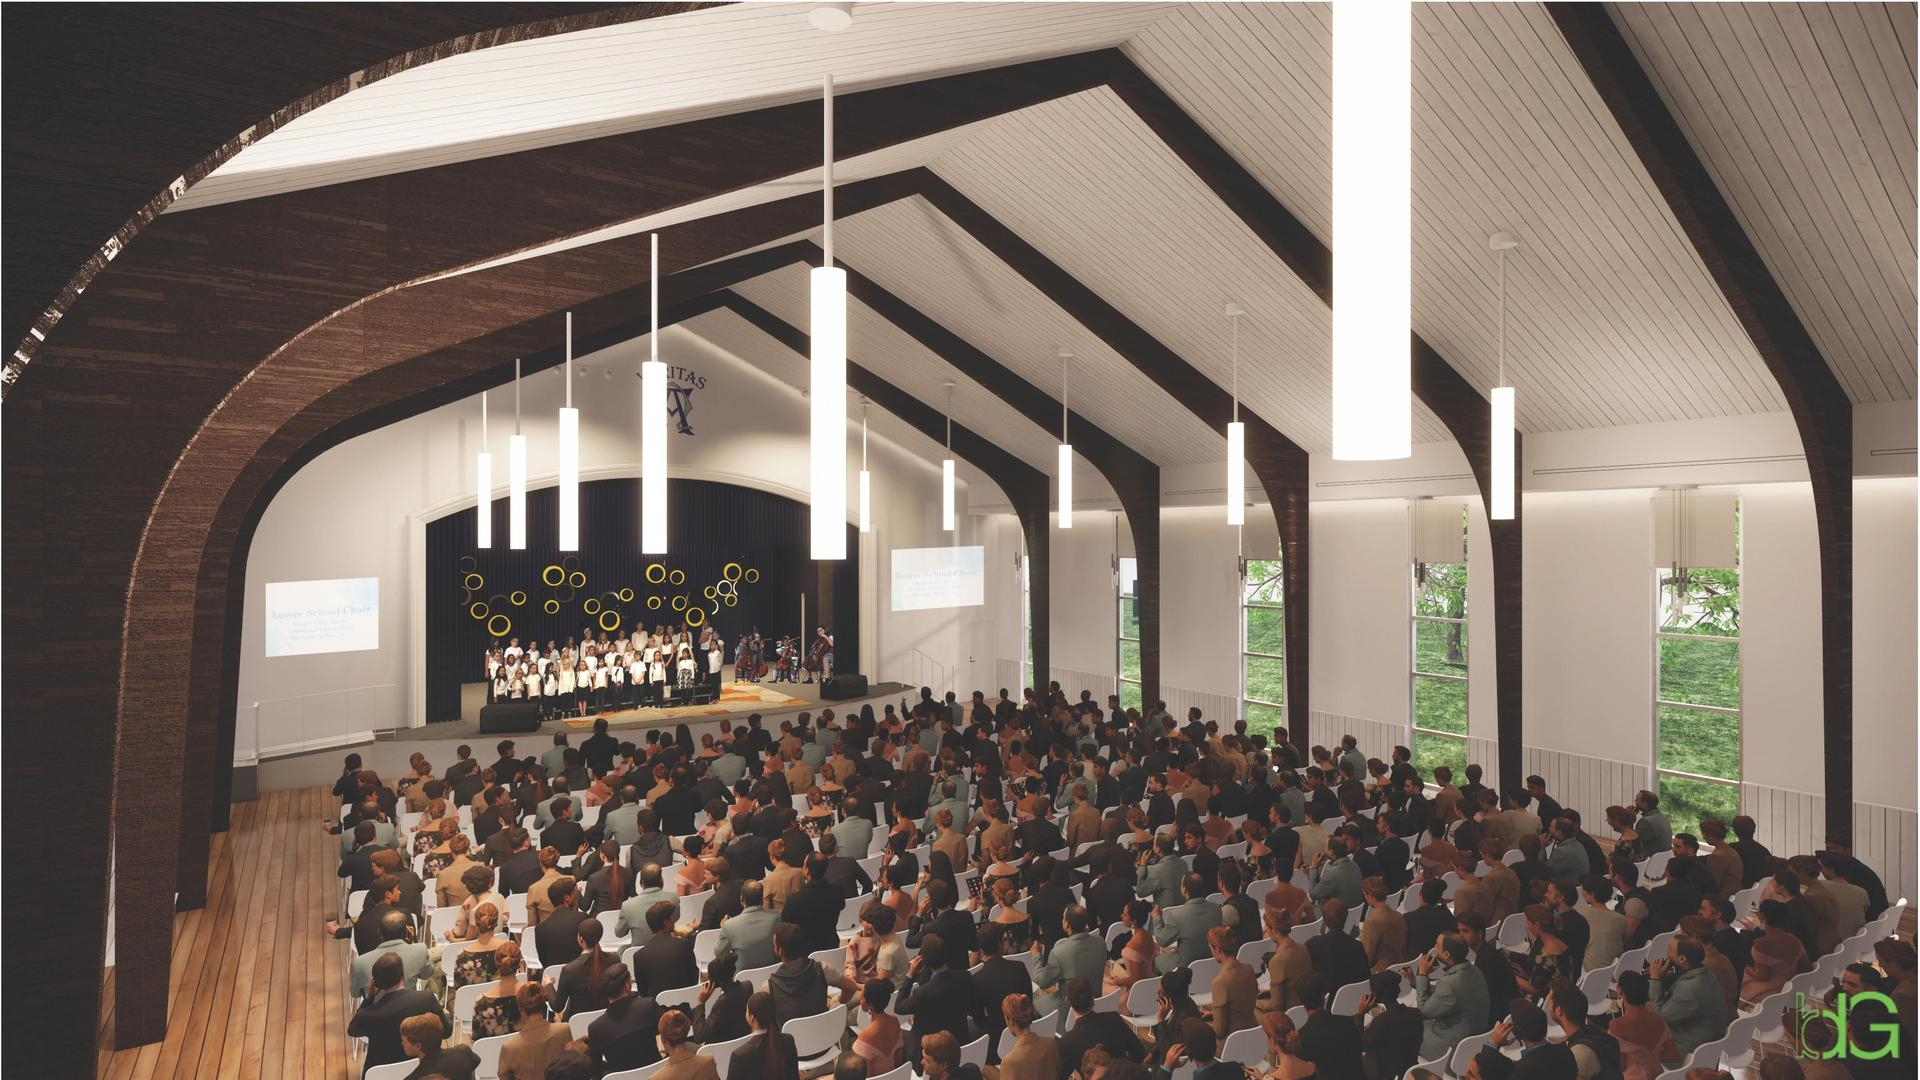 rendering - choir